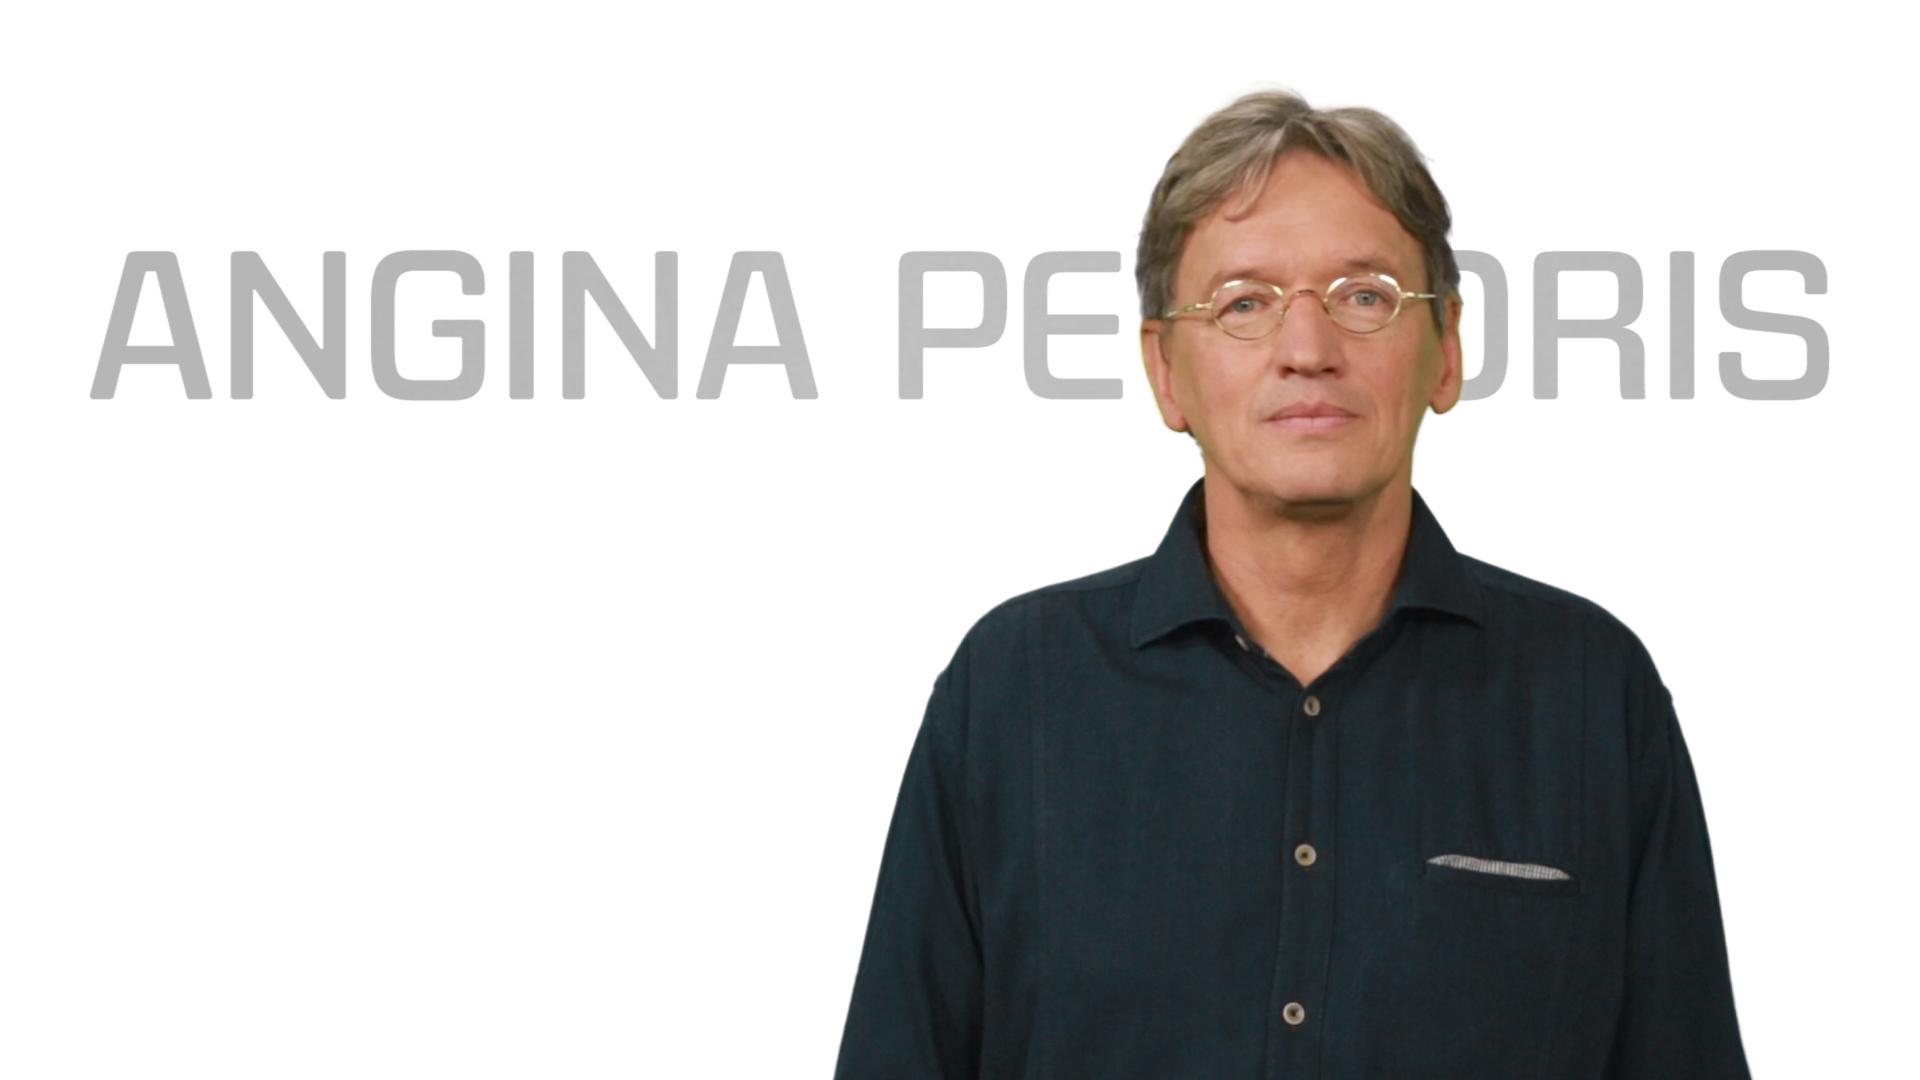 Bekijk de video: Angina pectoris